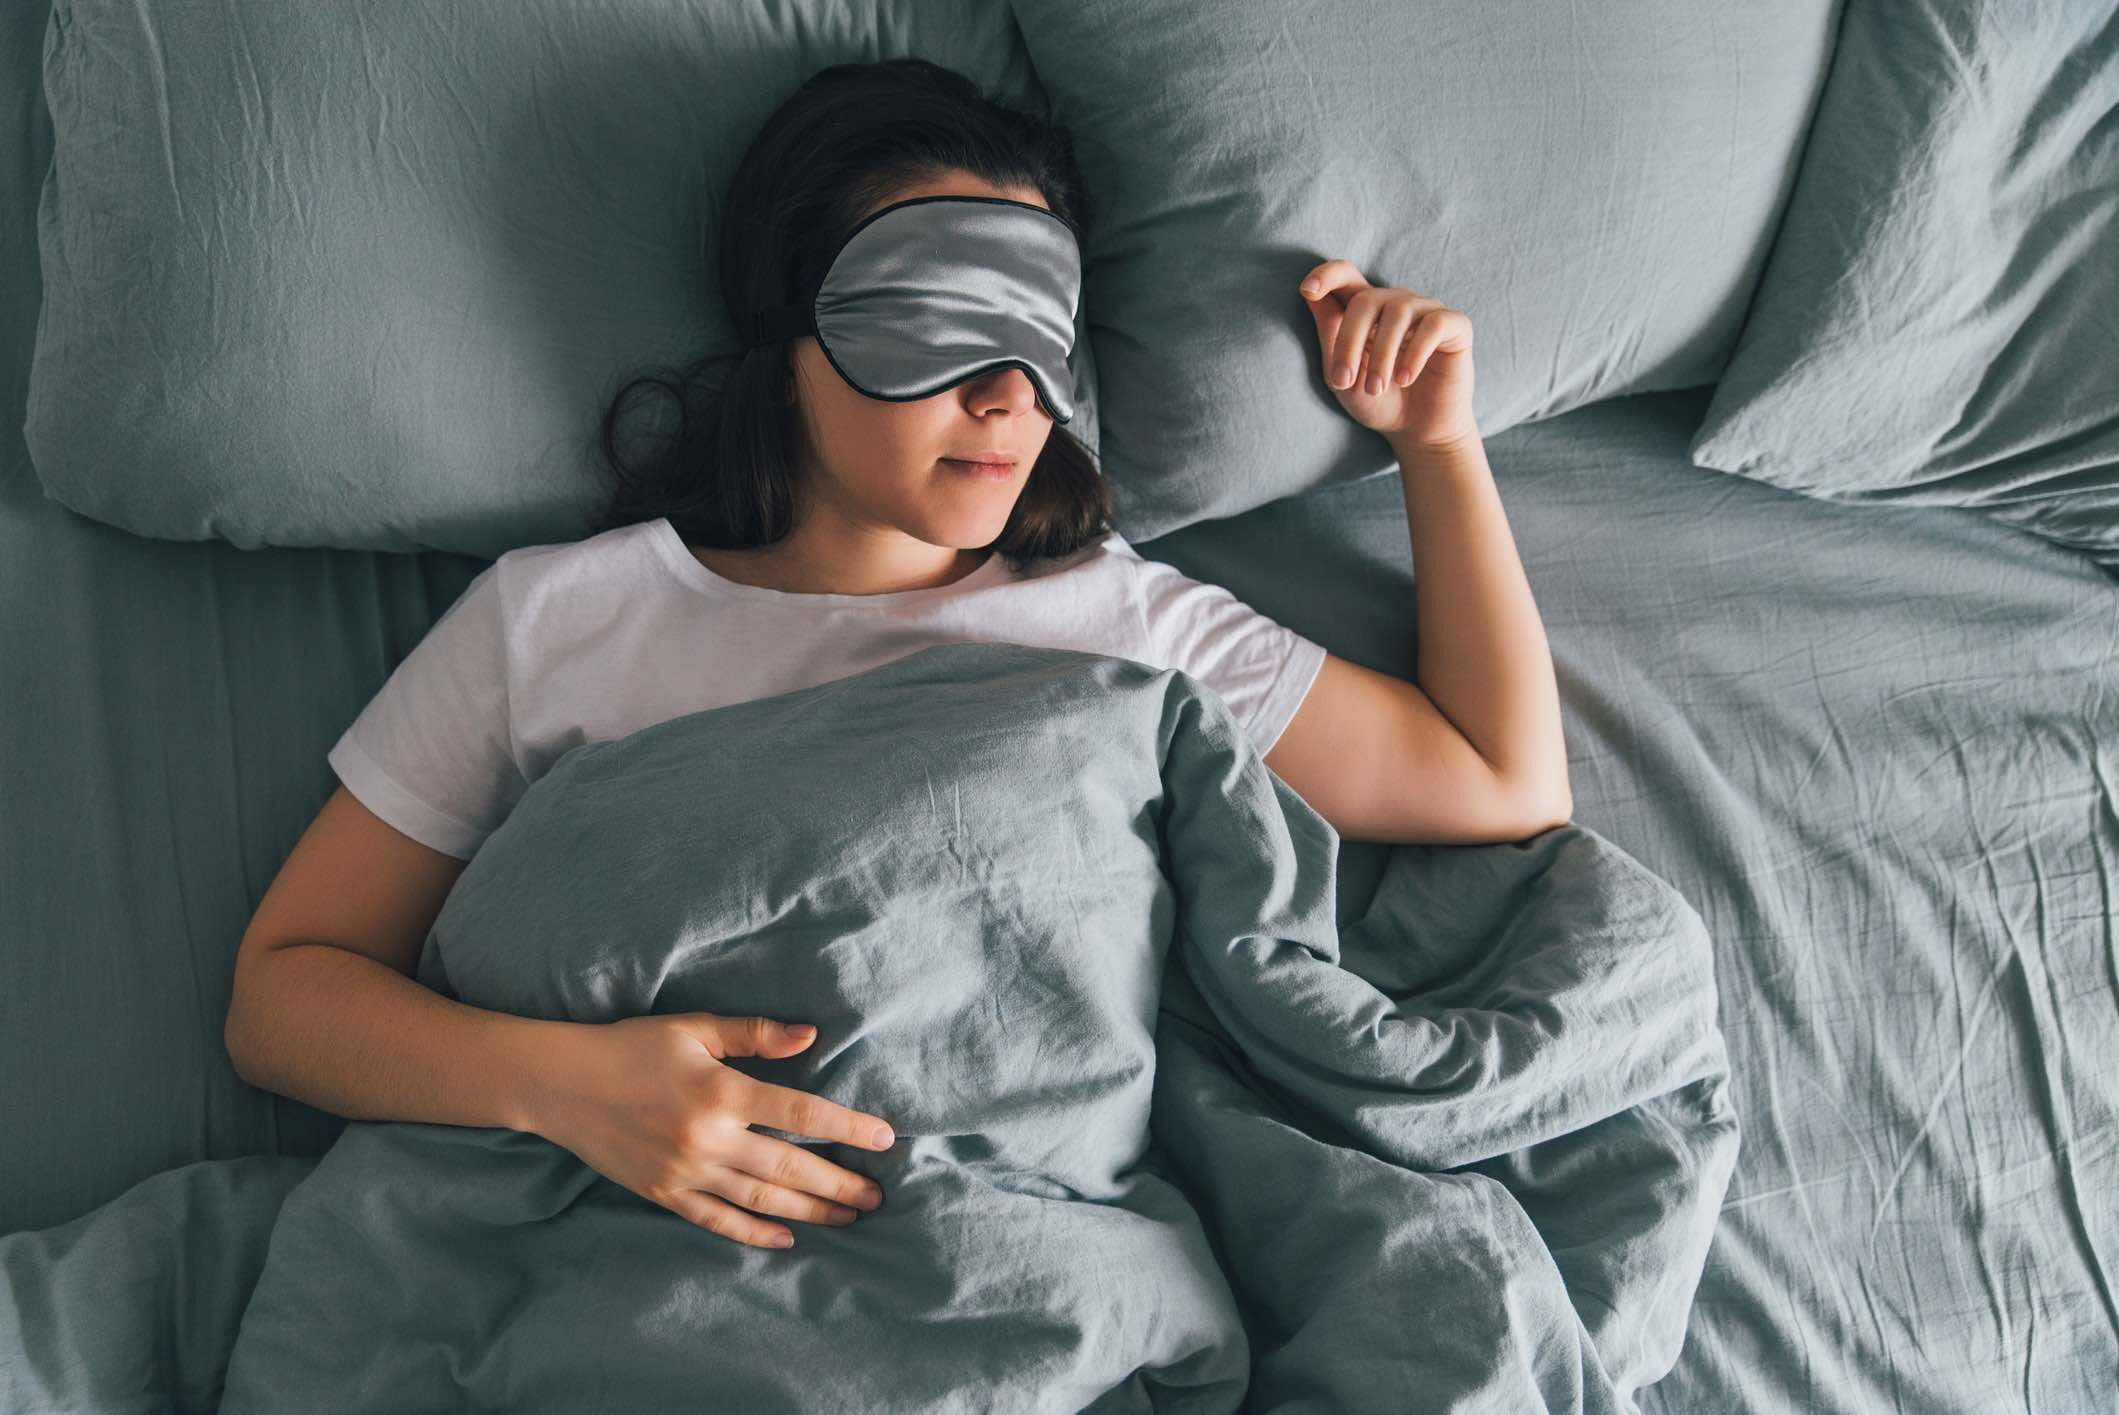 गहरी नींद से चेहरे पर पाएं प्राकृतिक सौन्दर्य और आकर्षण